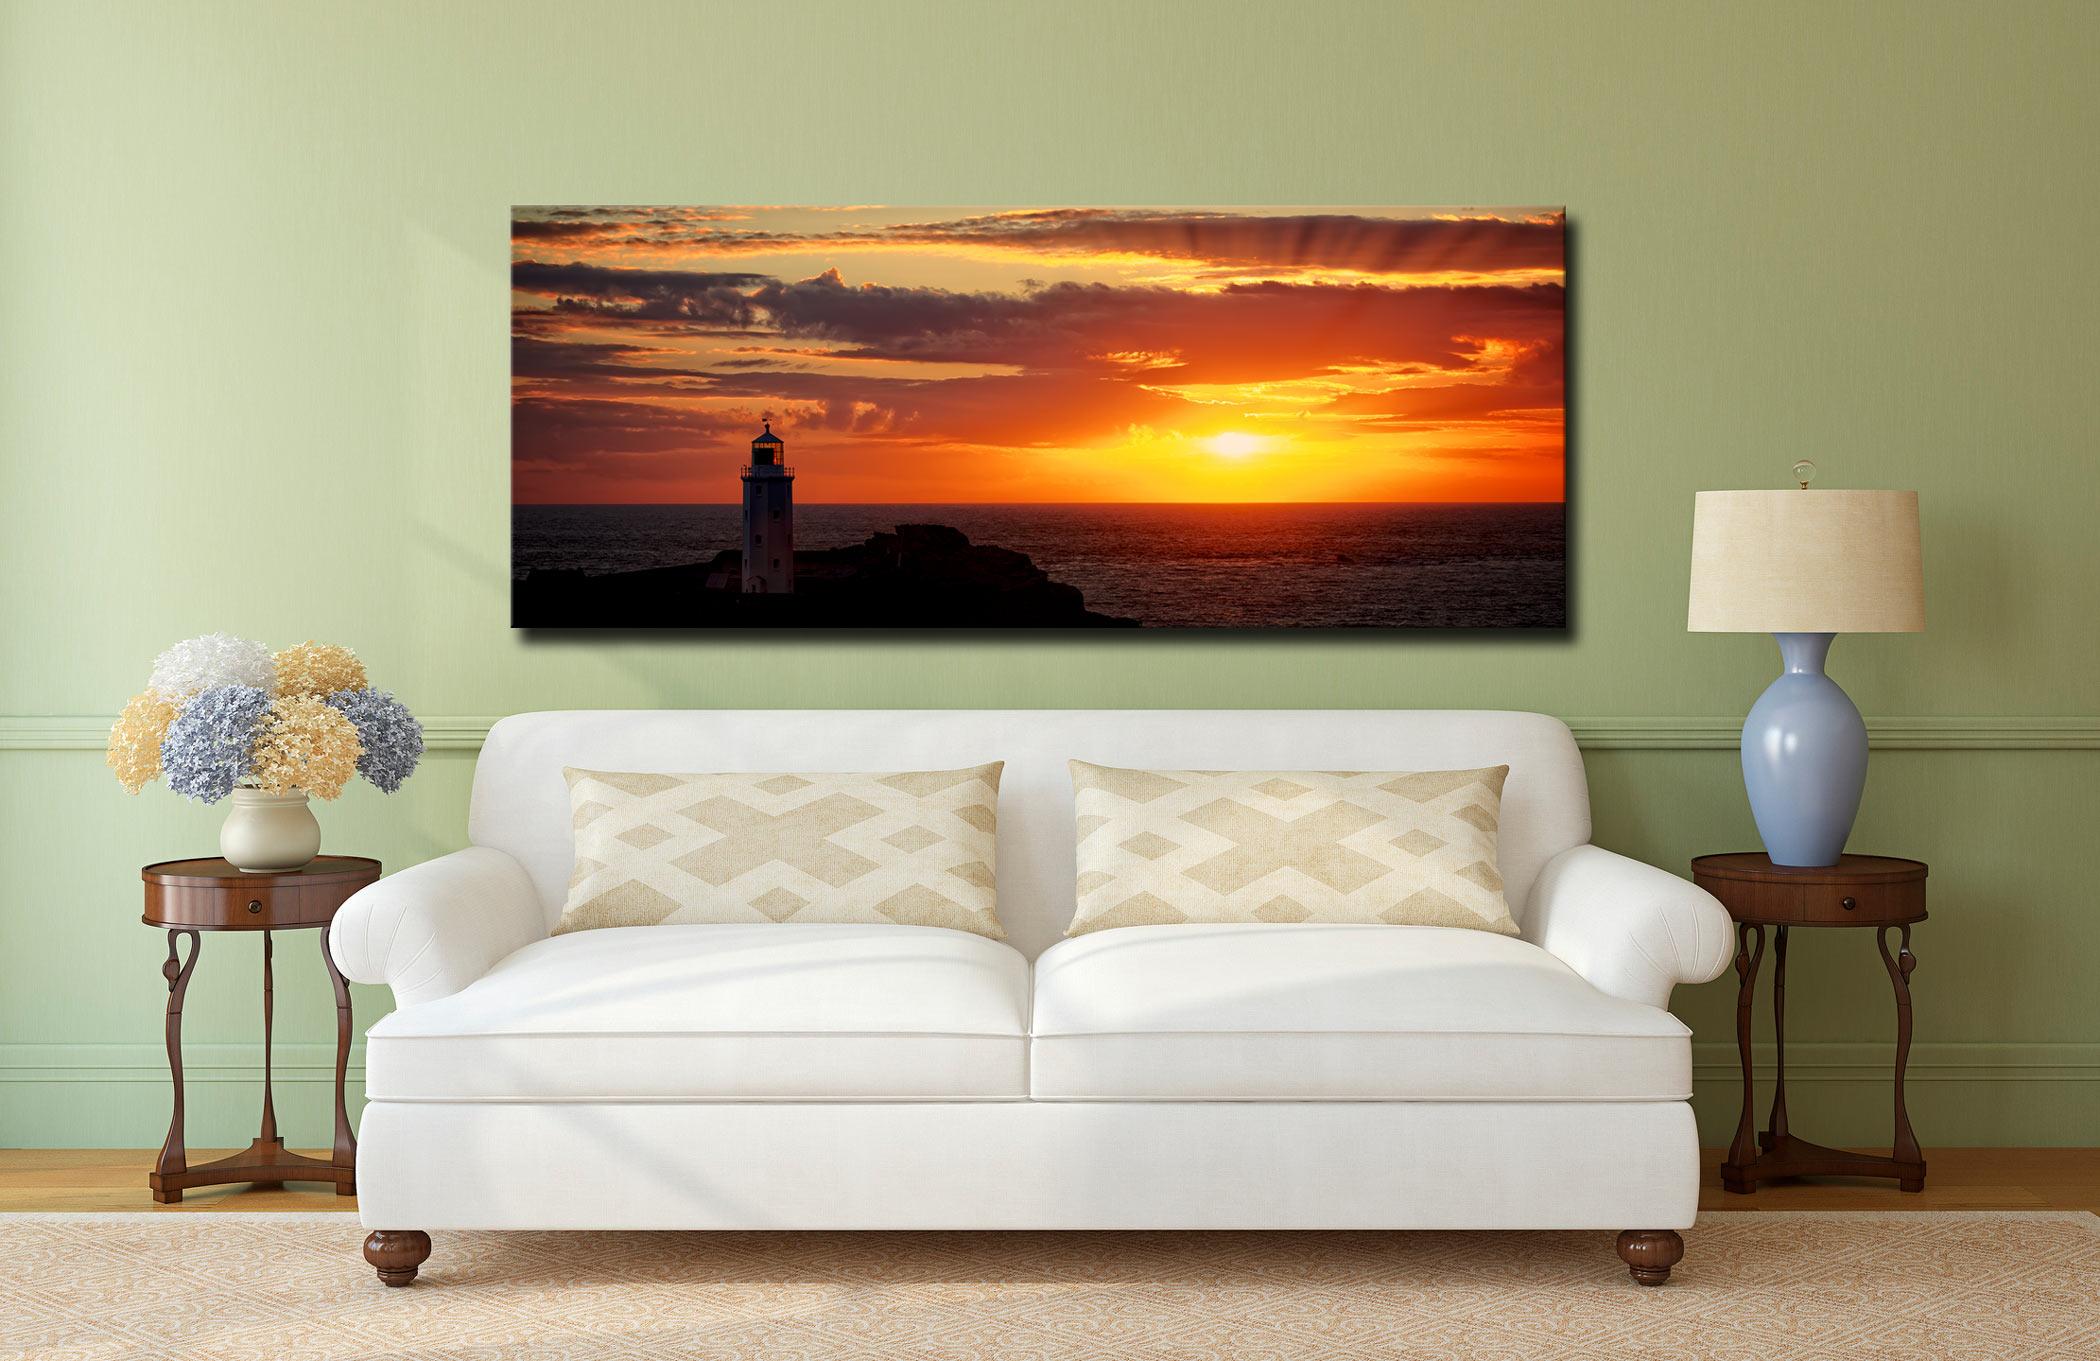 Sun Rays Over Godrevy Lighthouse - Canvas Print on Wall